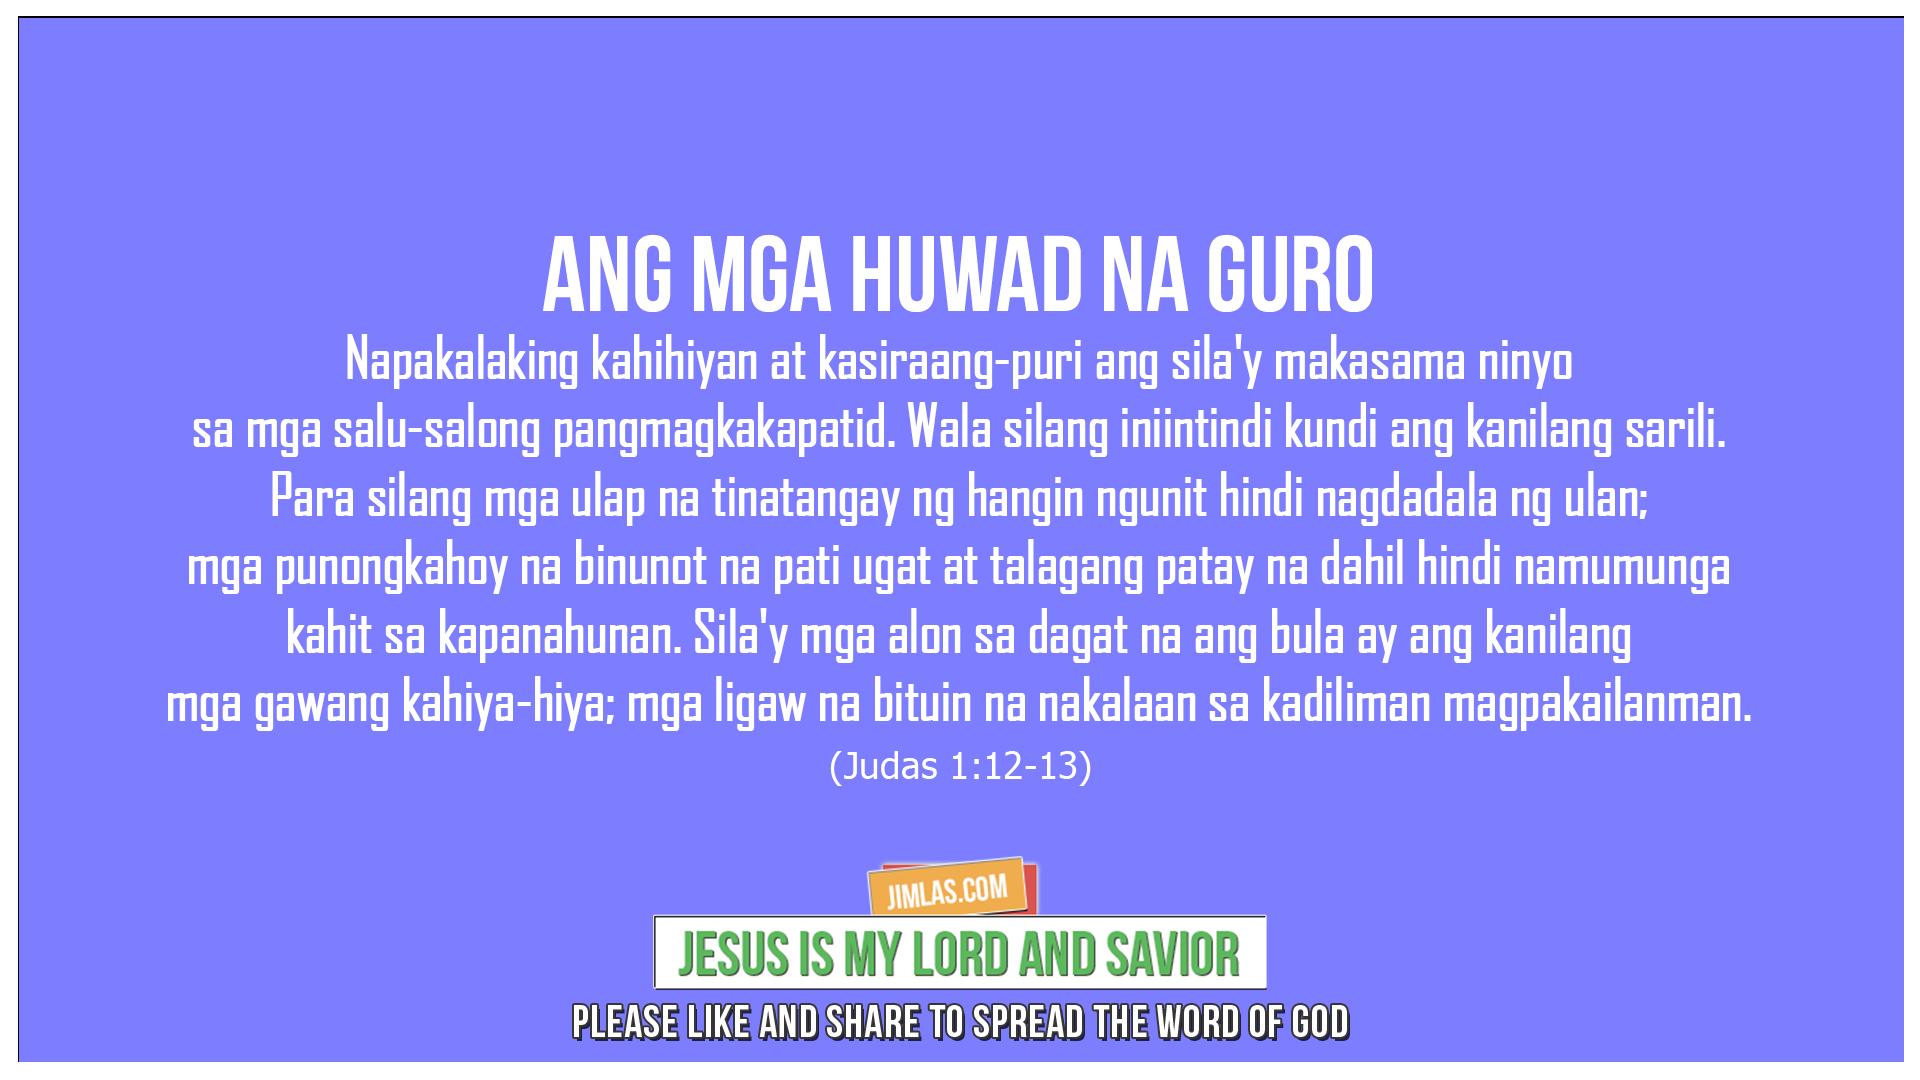 Judas 1:12-13, Judas 1:12-13